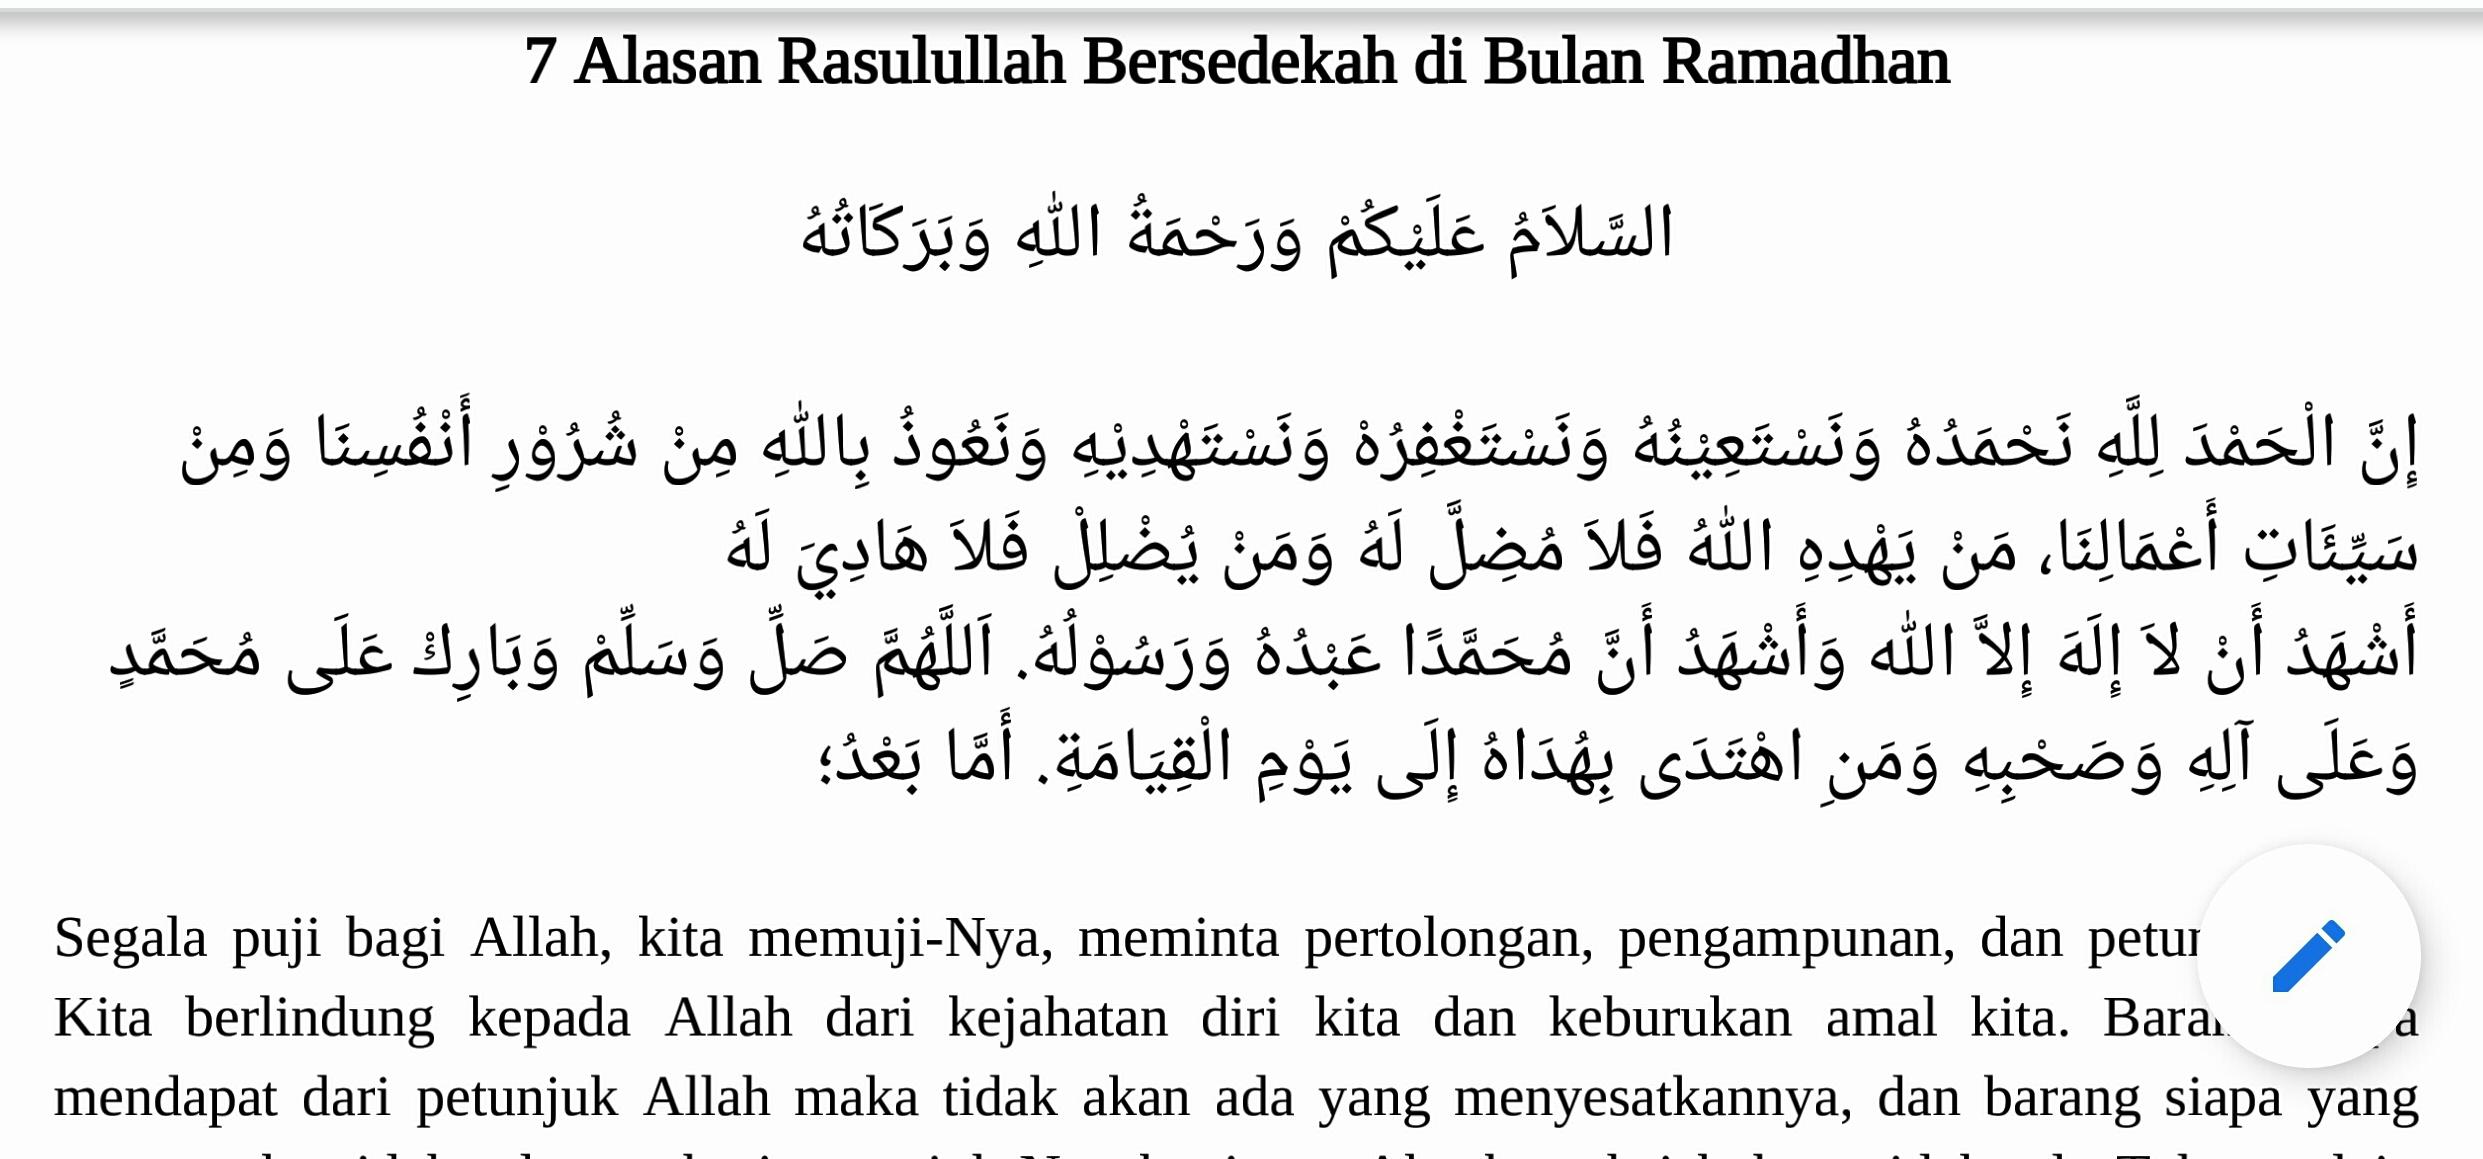 7 Alasan Rasulullah Bersedekah Di Bulan Ramadhan